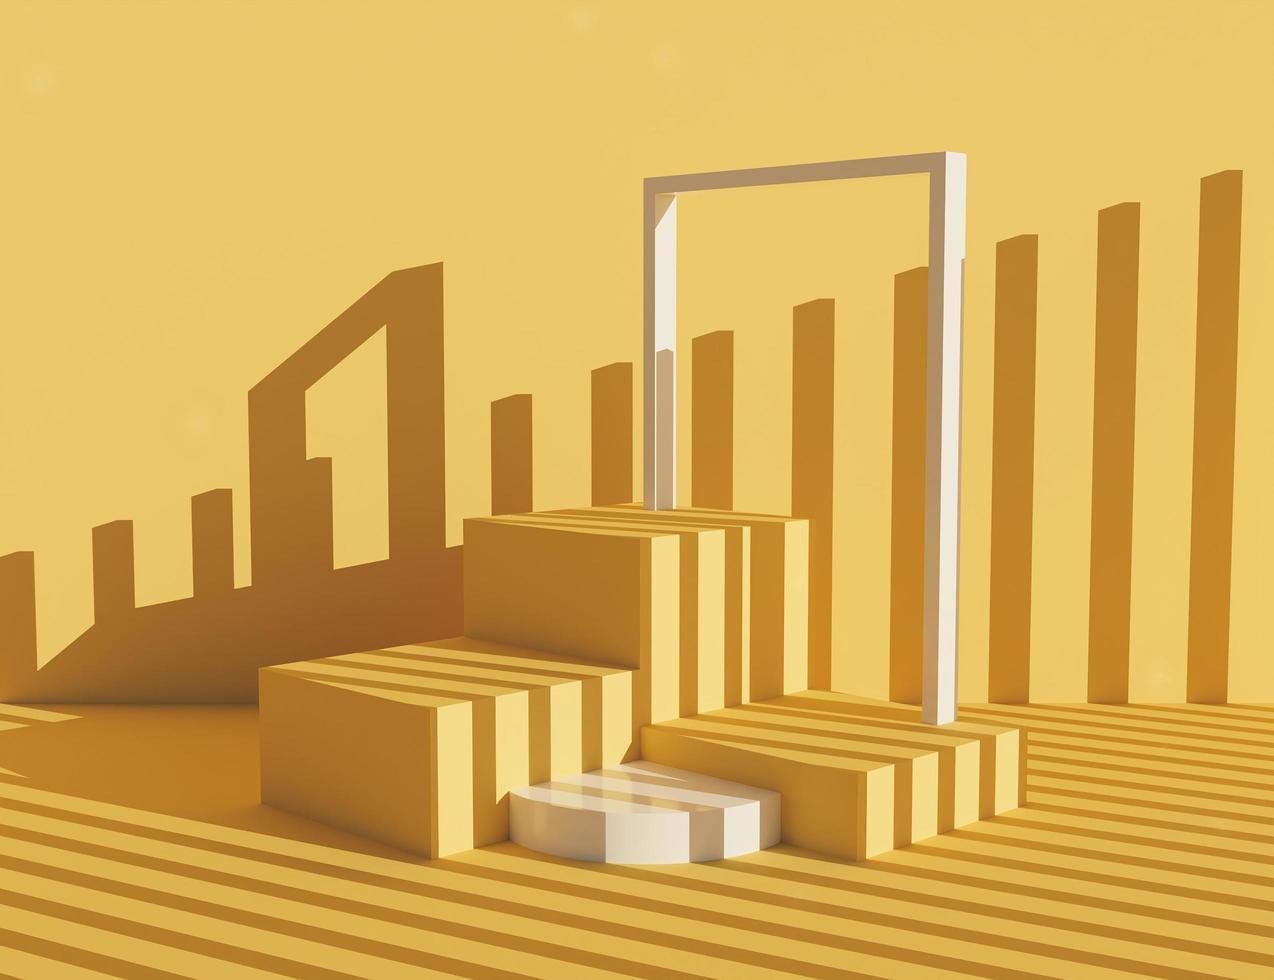 Soporte de producto naranja pastel con cubos y un marco sombreado por pequeñas columnas, representación 3D foto